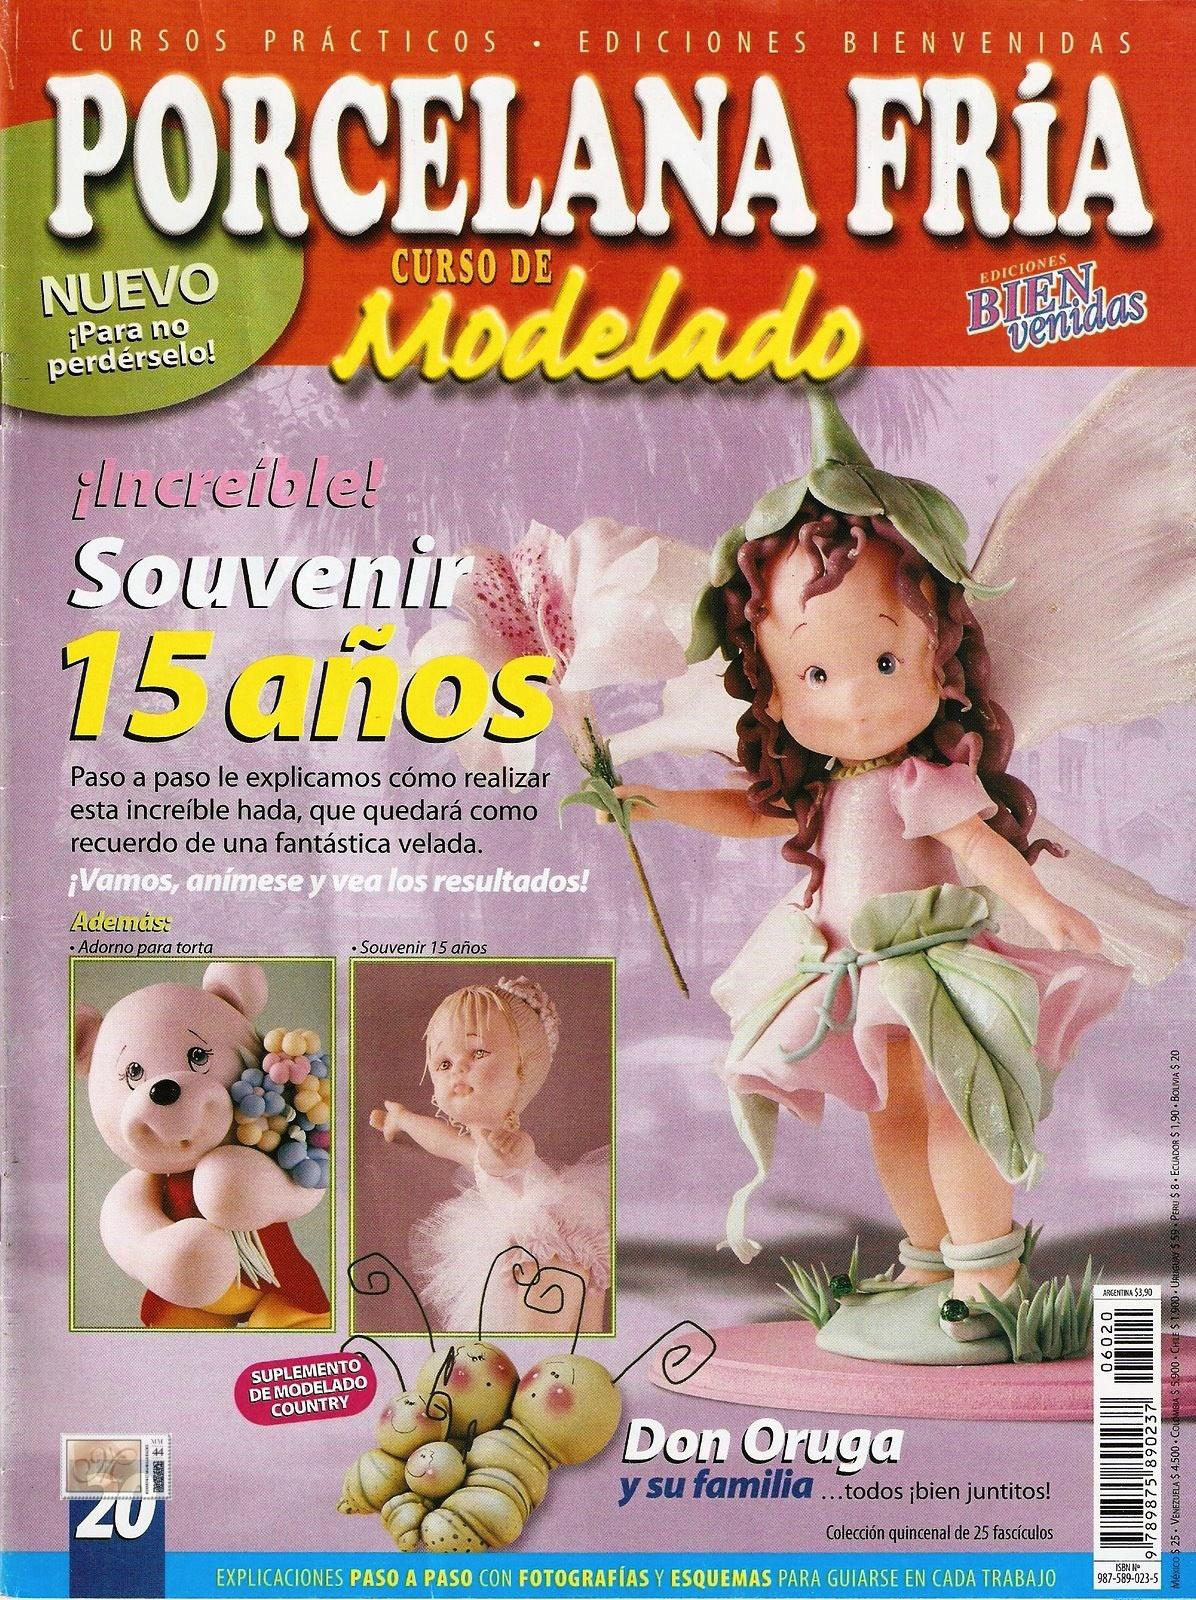 Porcelana Fría Nro. 20, Modelado Souvenir